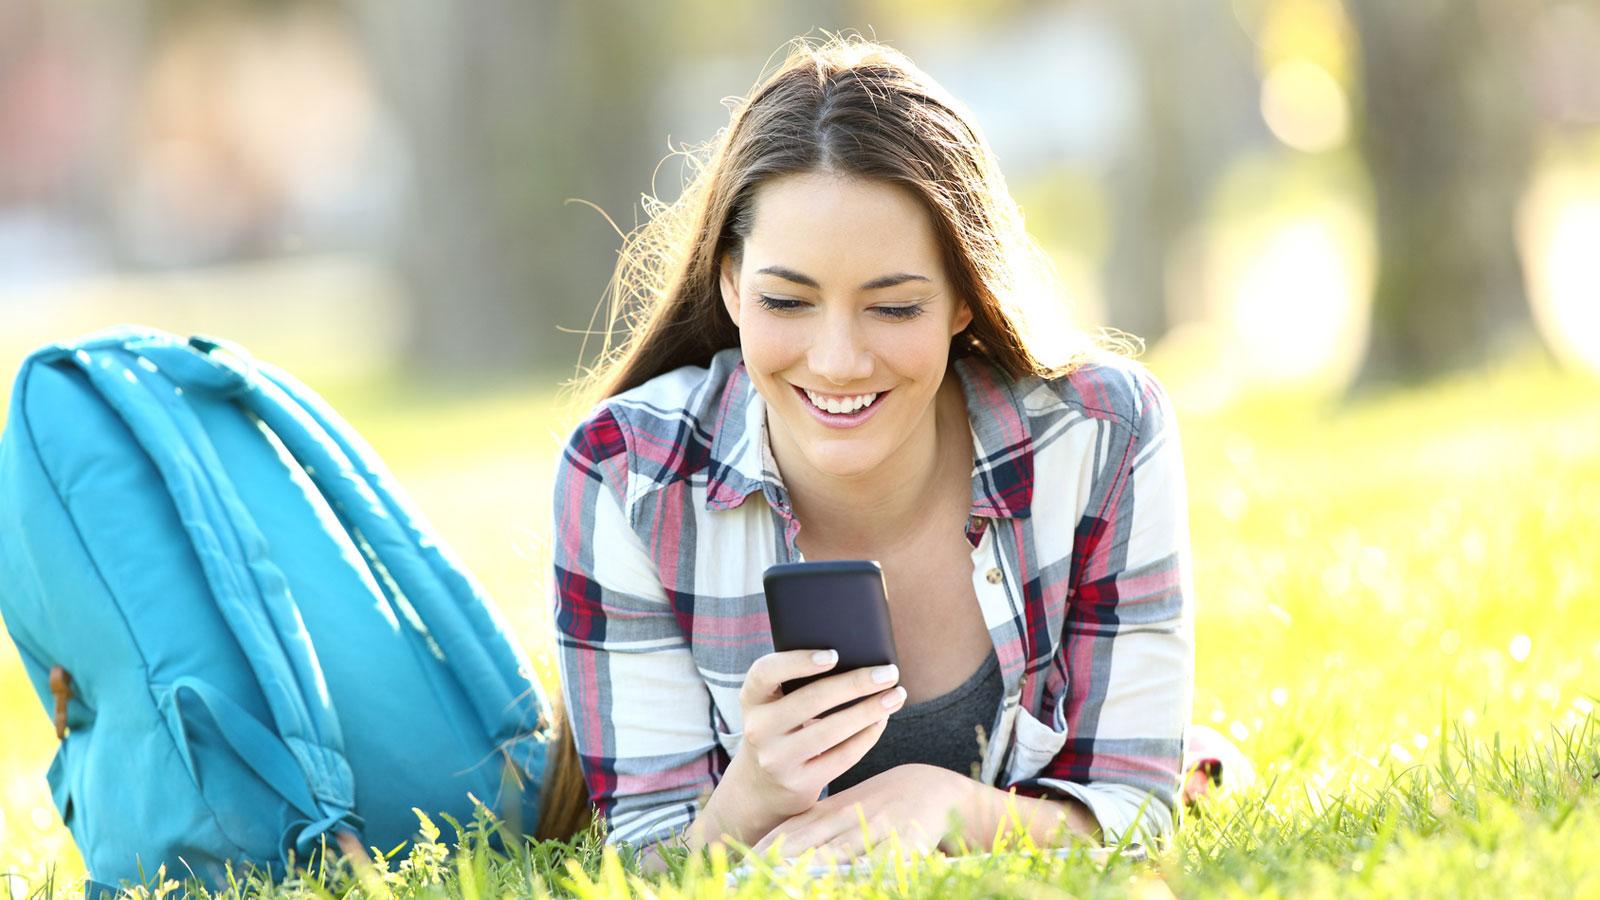 Anleitung: iCloud-Mail-Konto auf Android-Gerät nutzen | UPDATED